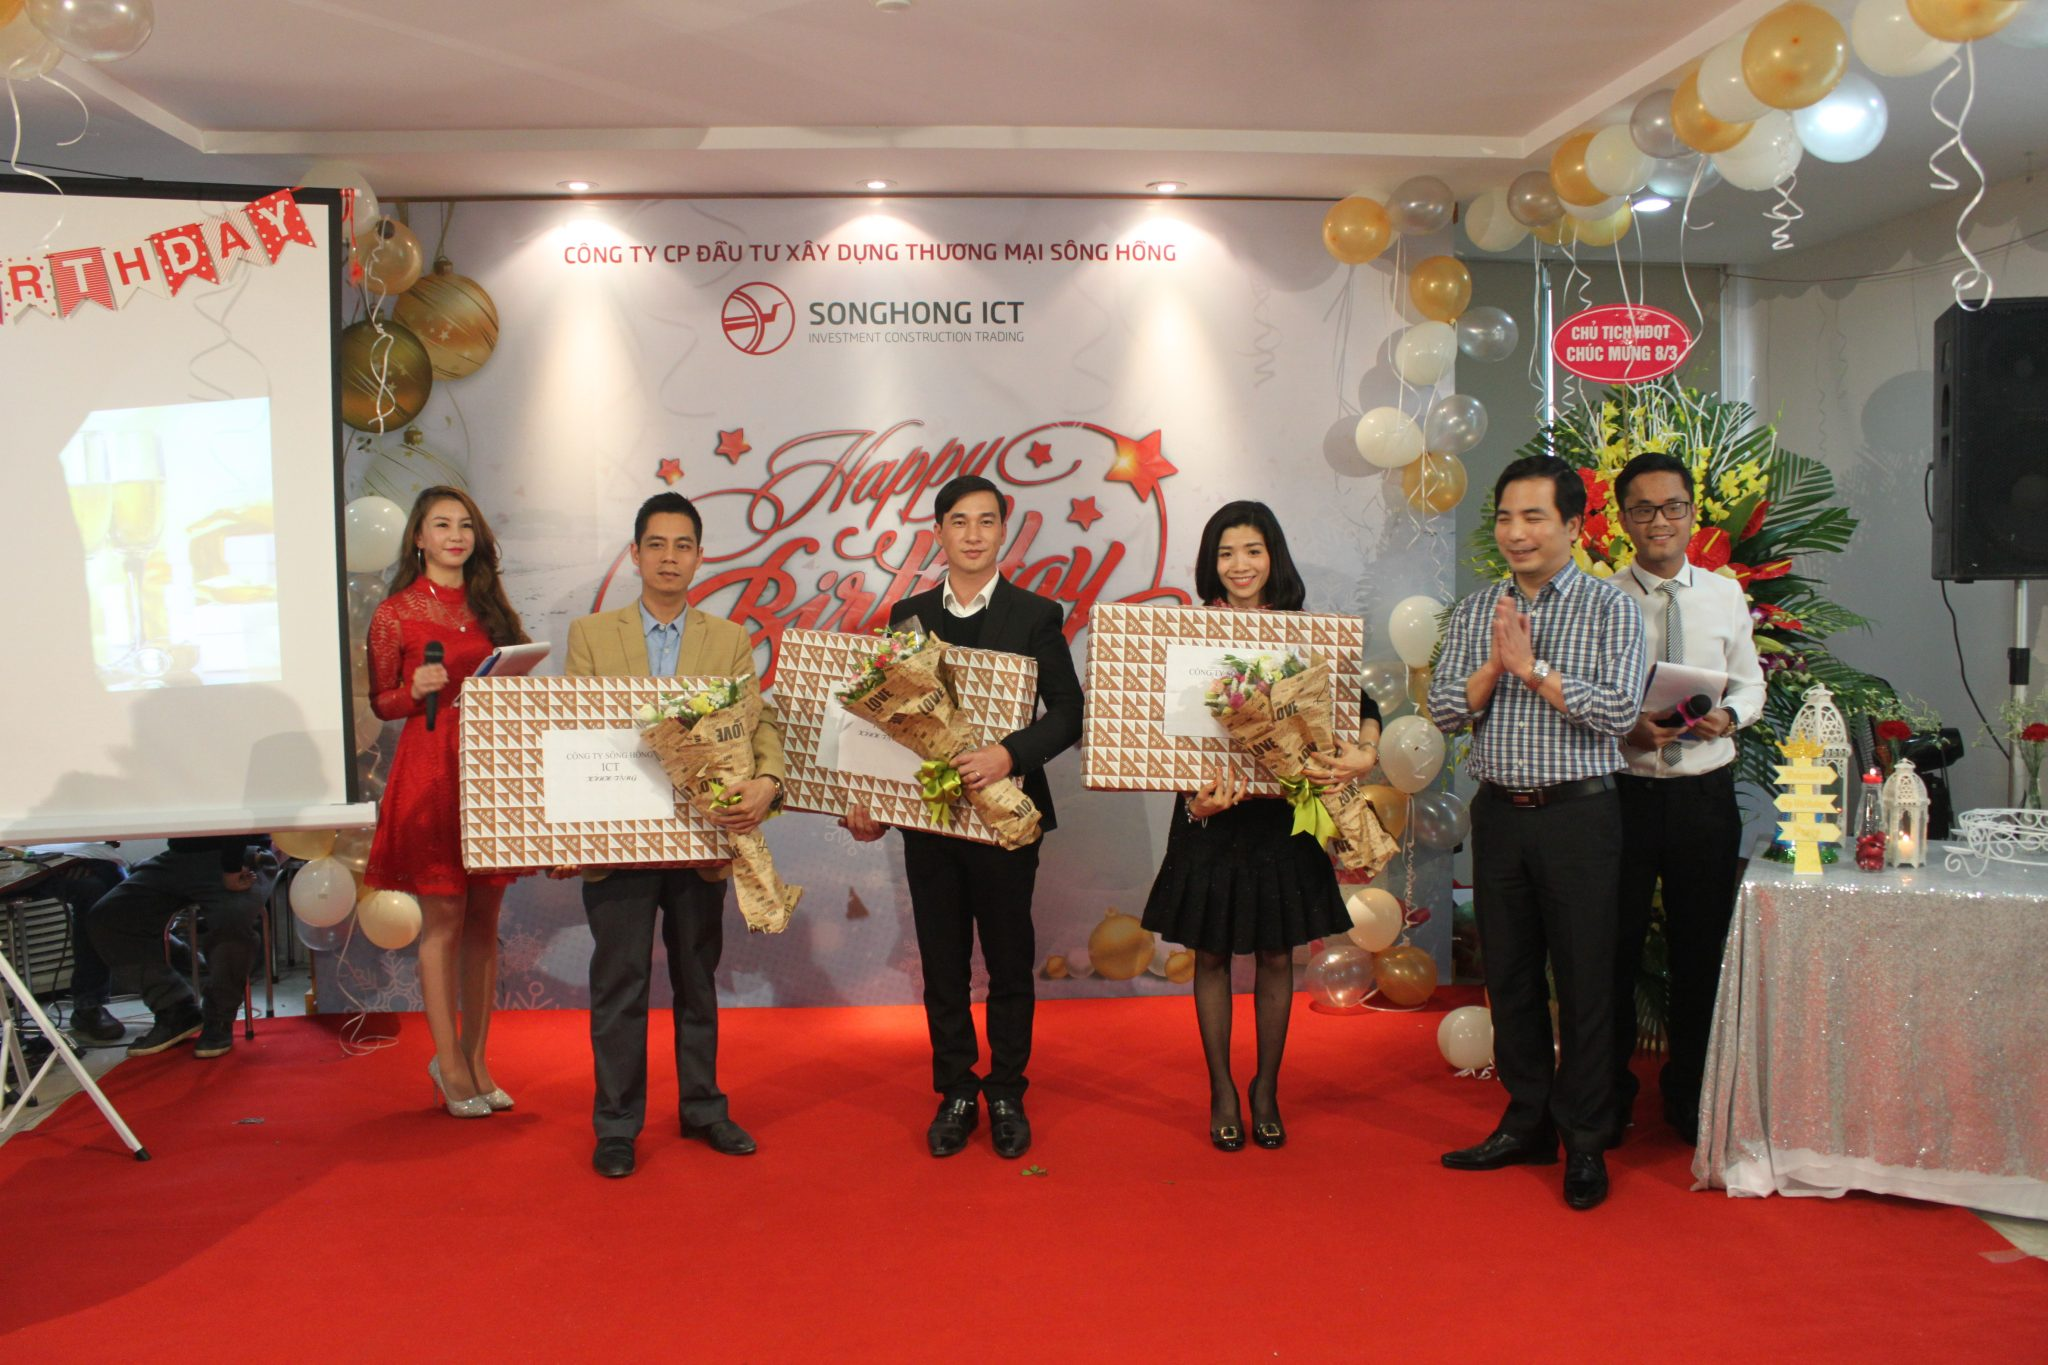 Đại diện 3 công ty có sinh nhật lên nhận những phần quà và bó hoa tươi thắm từ Ban lãnh đạo